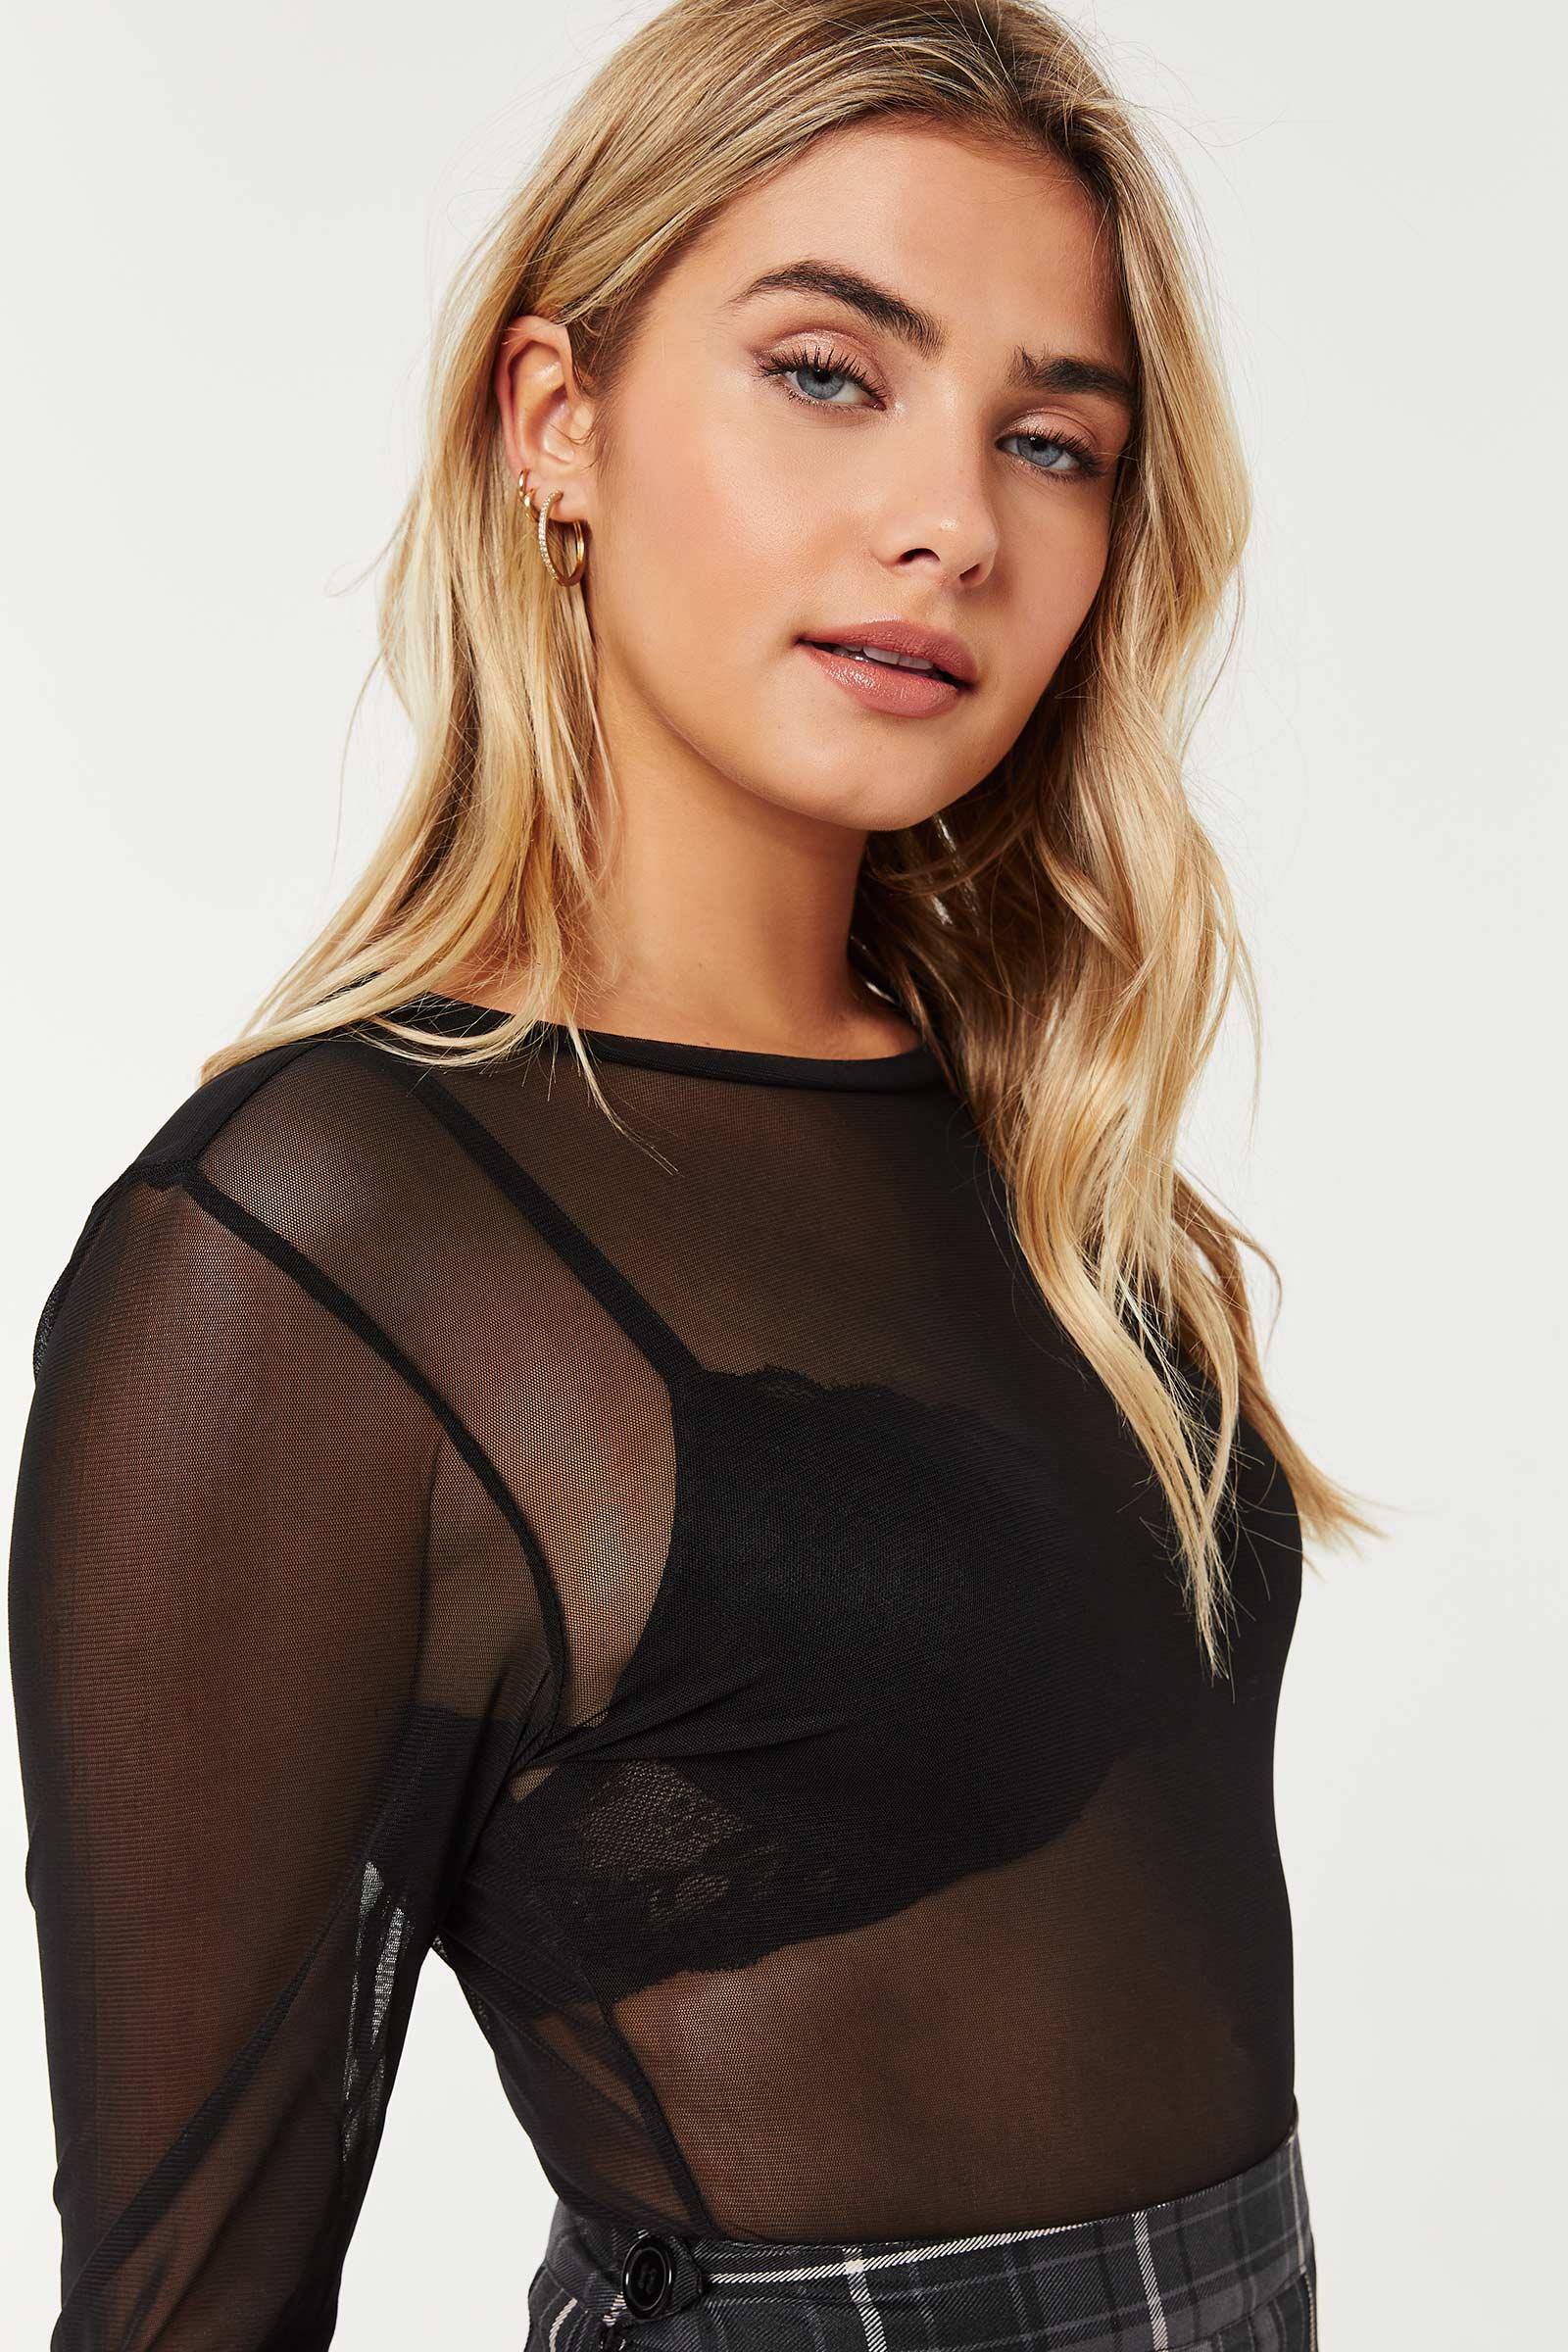 Long-Sleeved Mesh Top